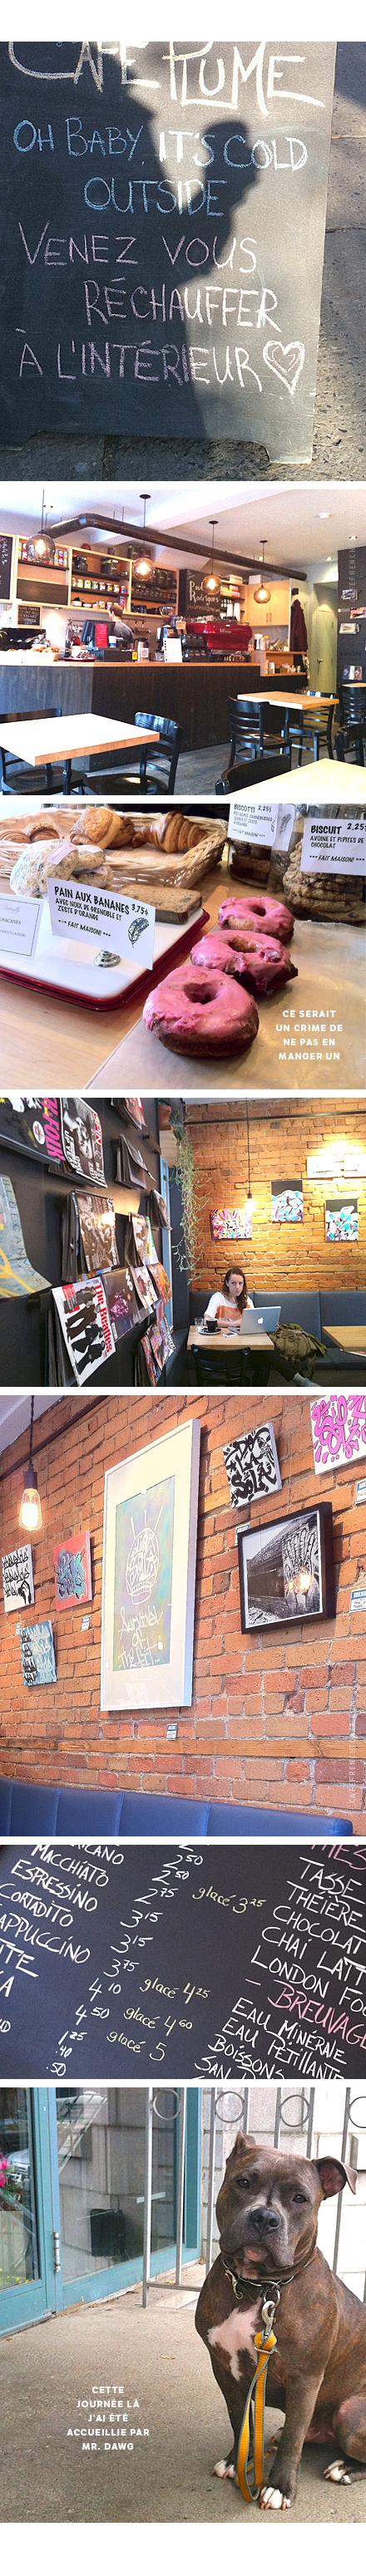 12-12-12-coffeeshop-CafePlume-03